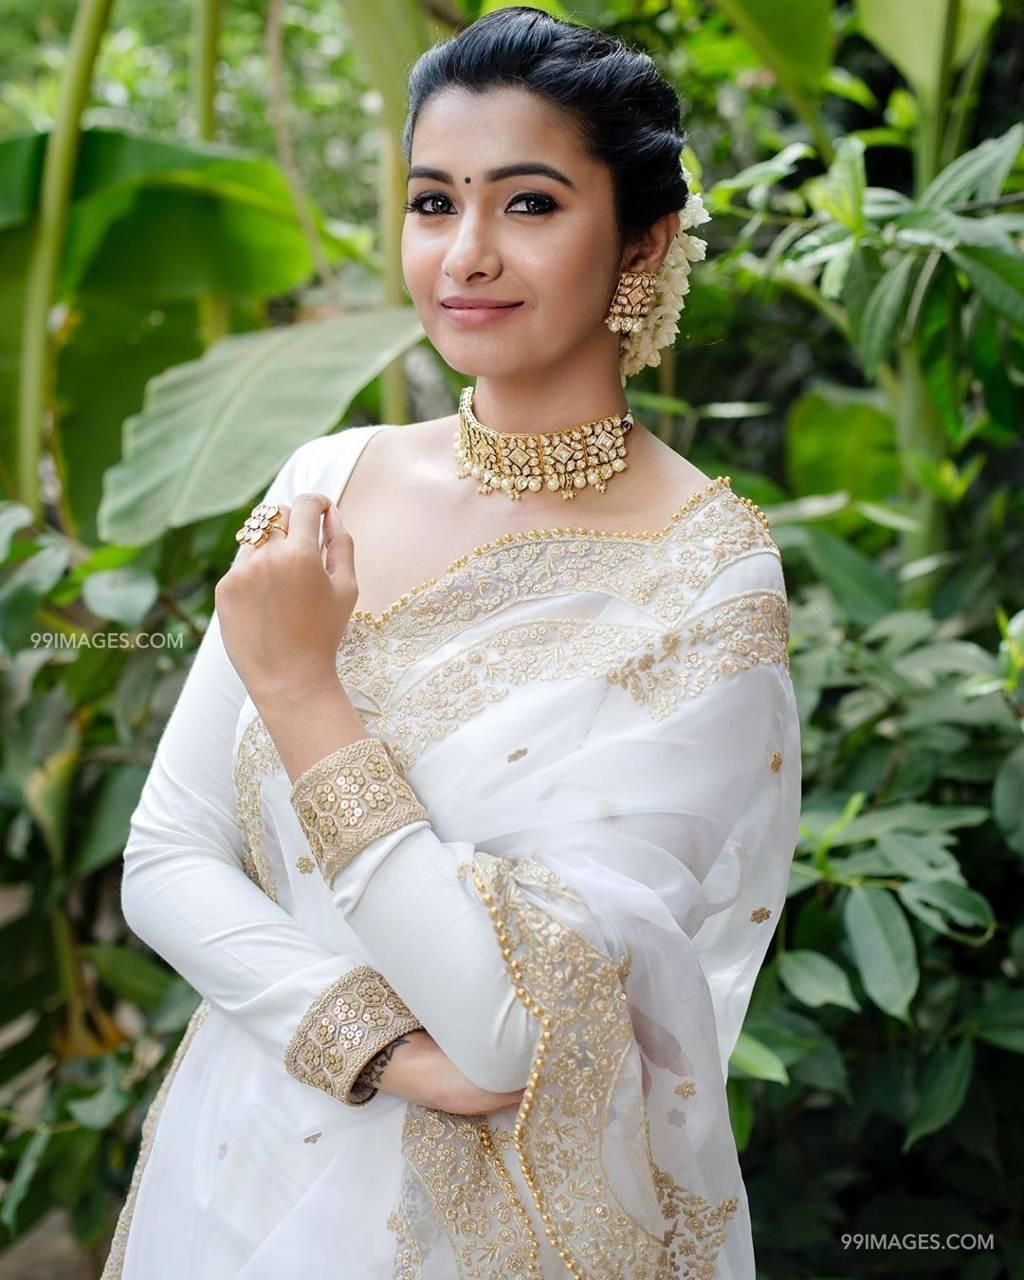 Priya Bavani Sankar